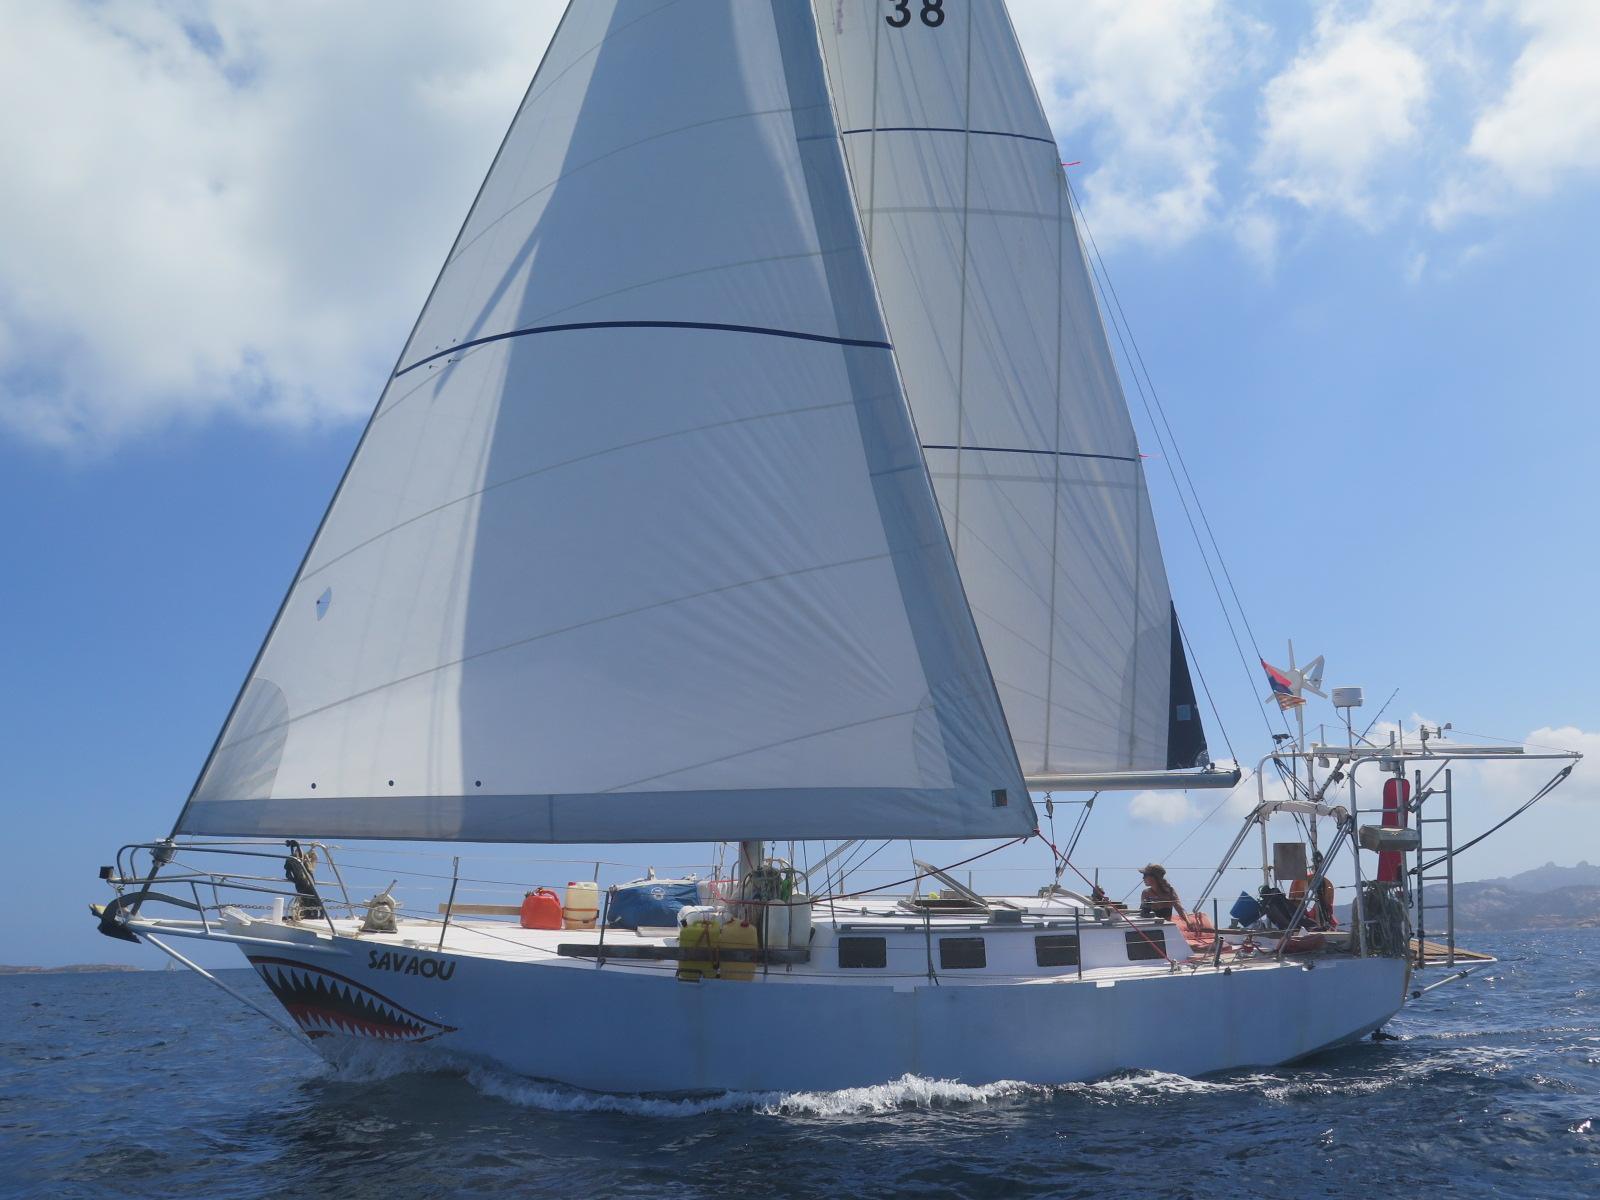 Vuelta al mundo en velero